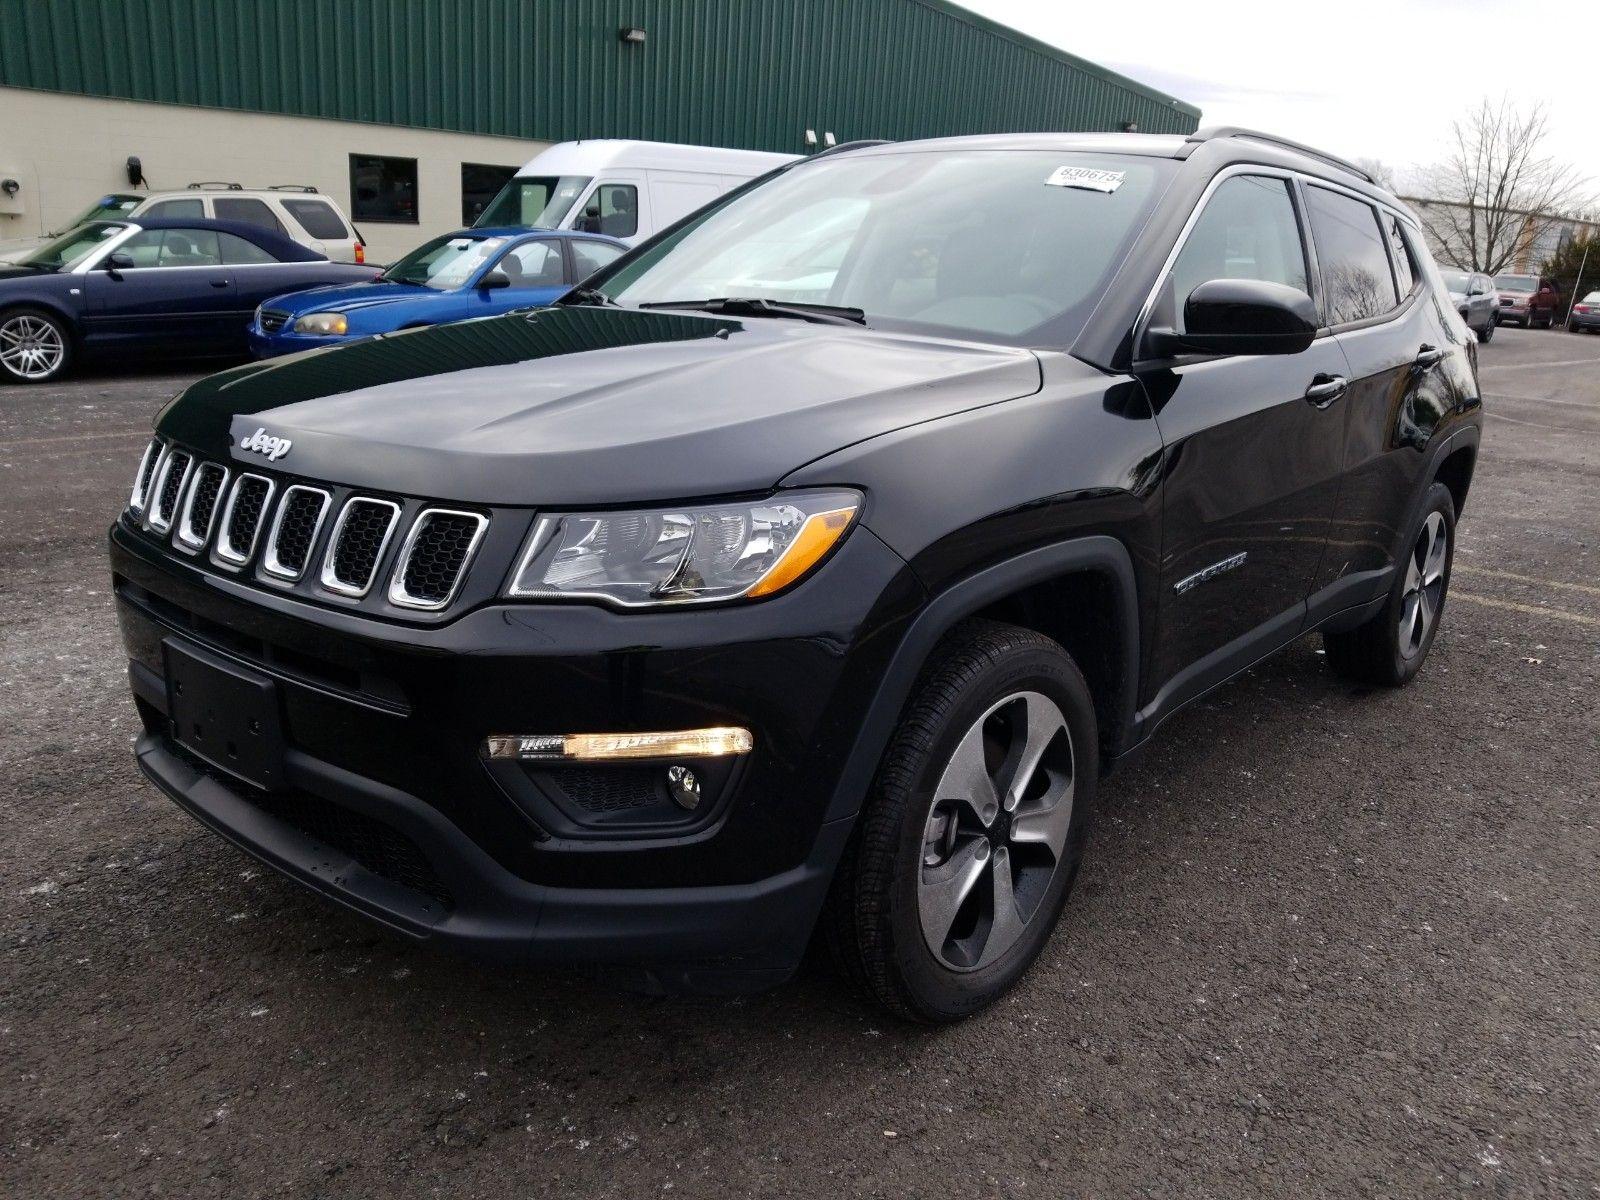 2018 Jeep Compass 2.4. Lot 99911642340 Vin 3C4NJDBB0JT175653